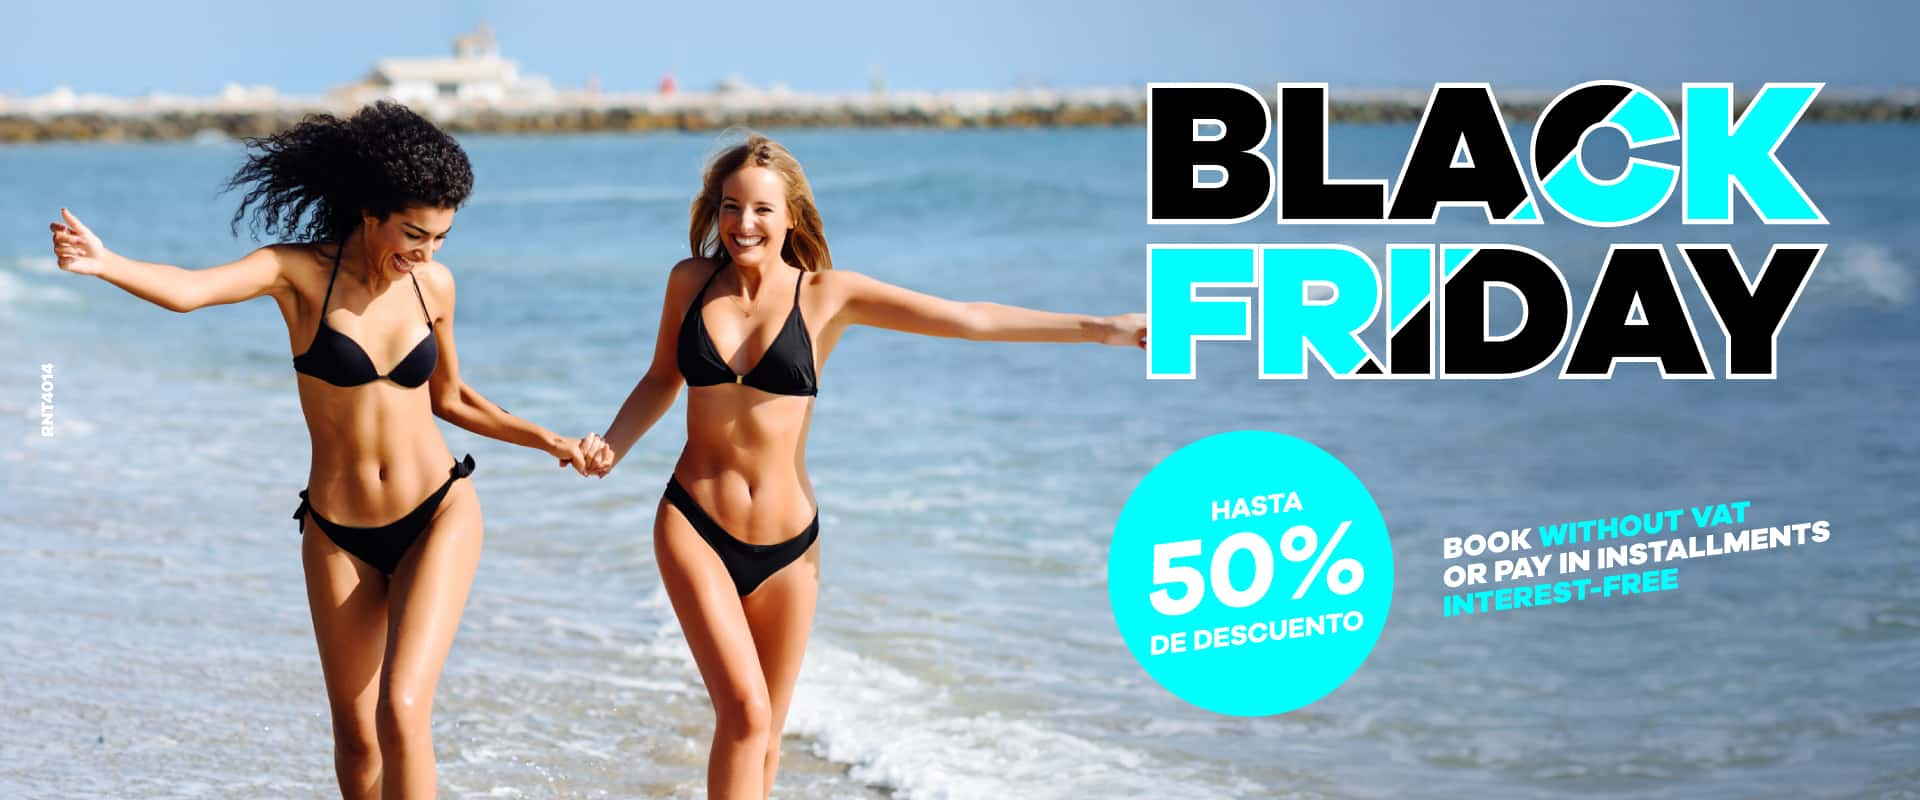 Black Friday Hotel Almirante Cartagena